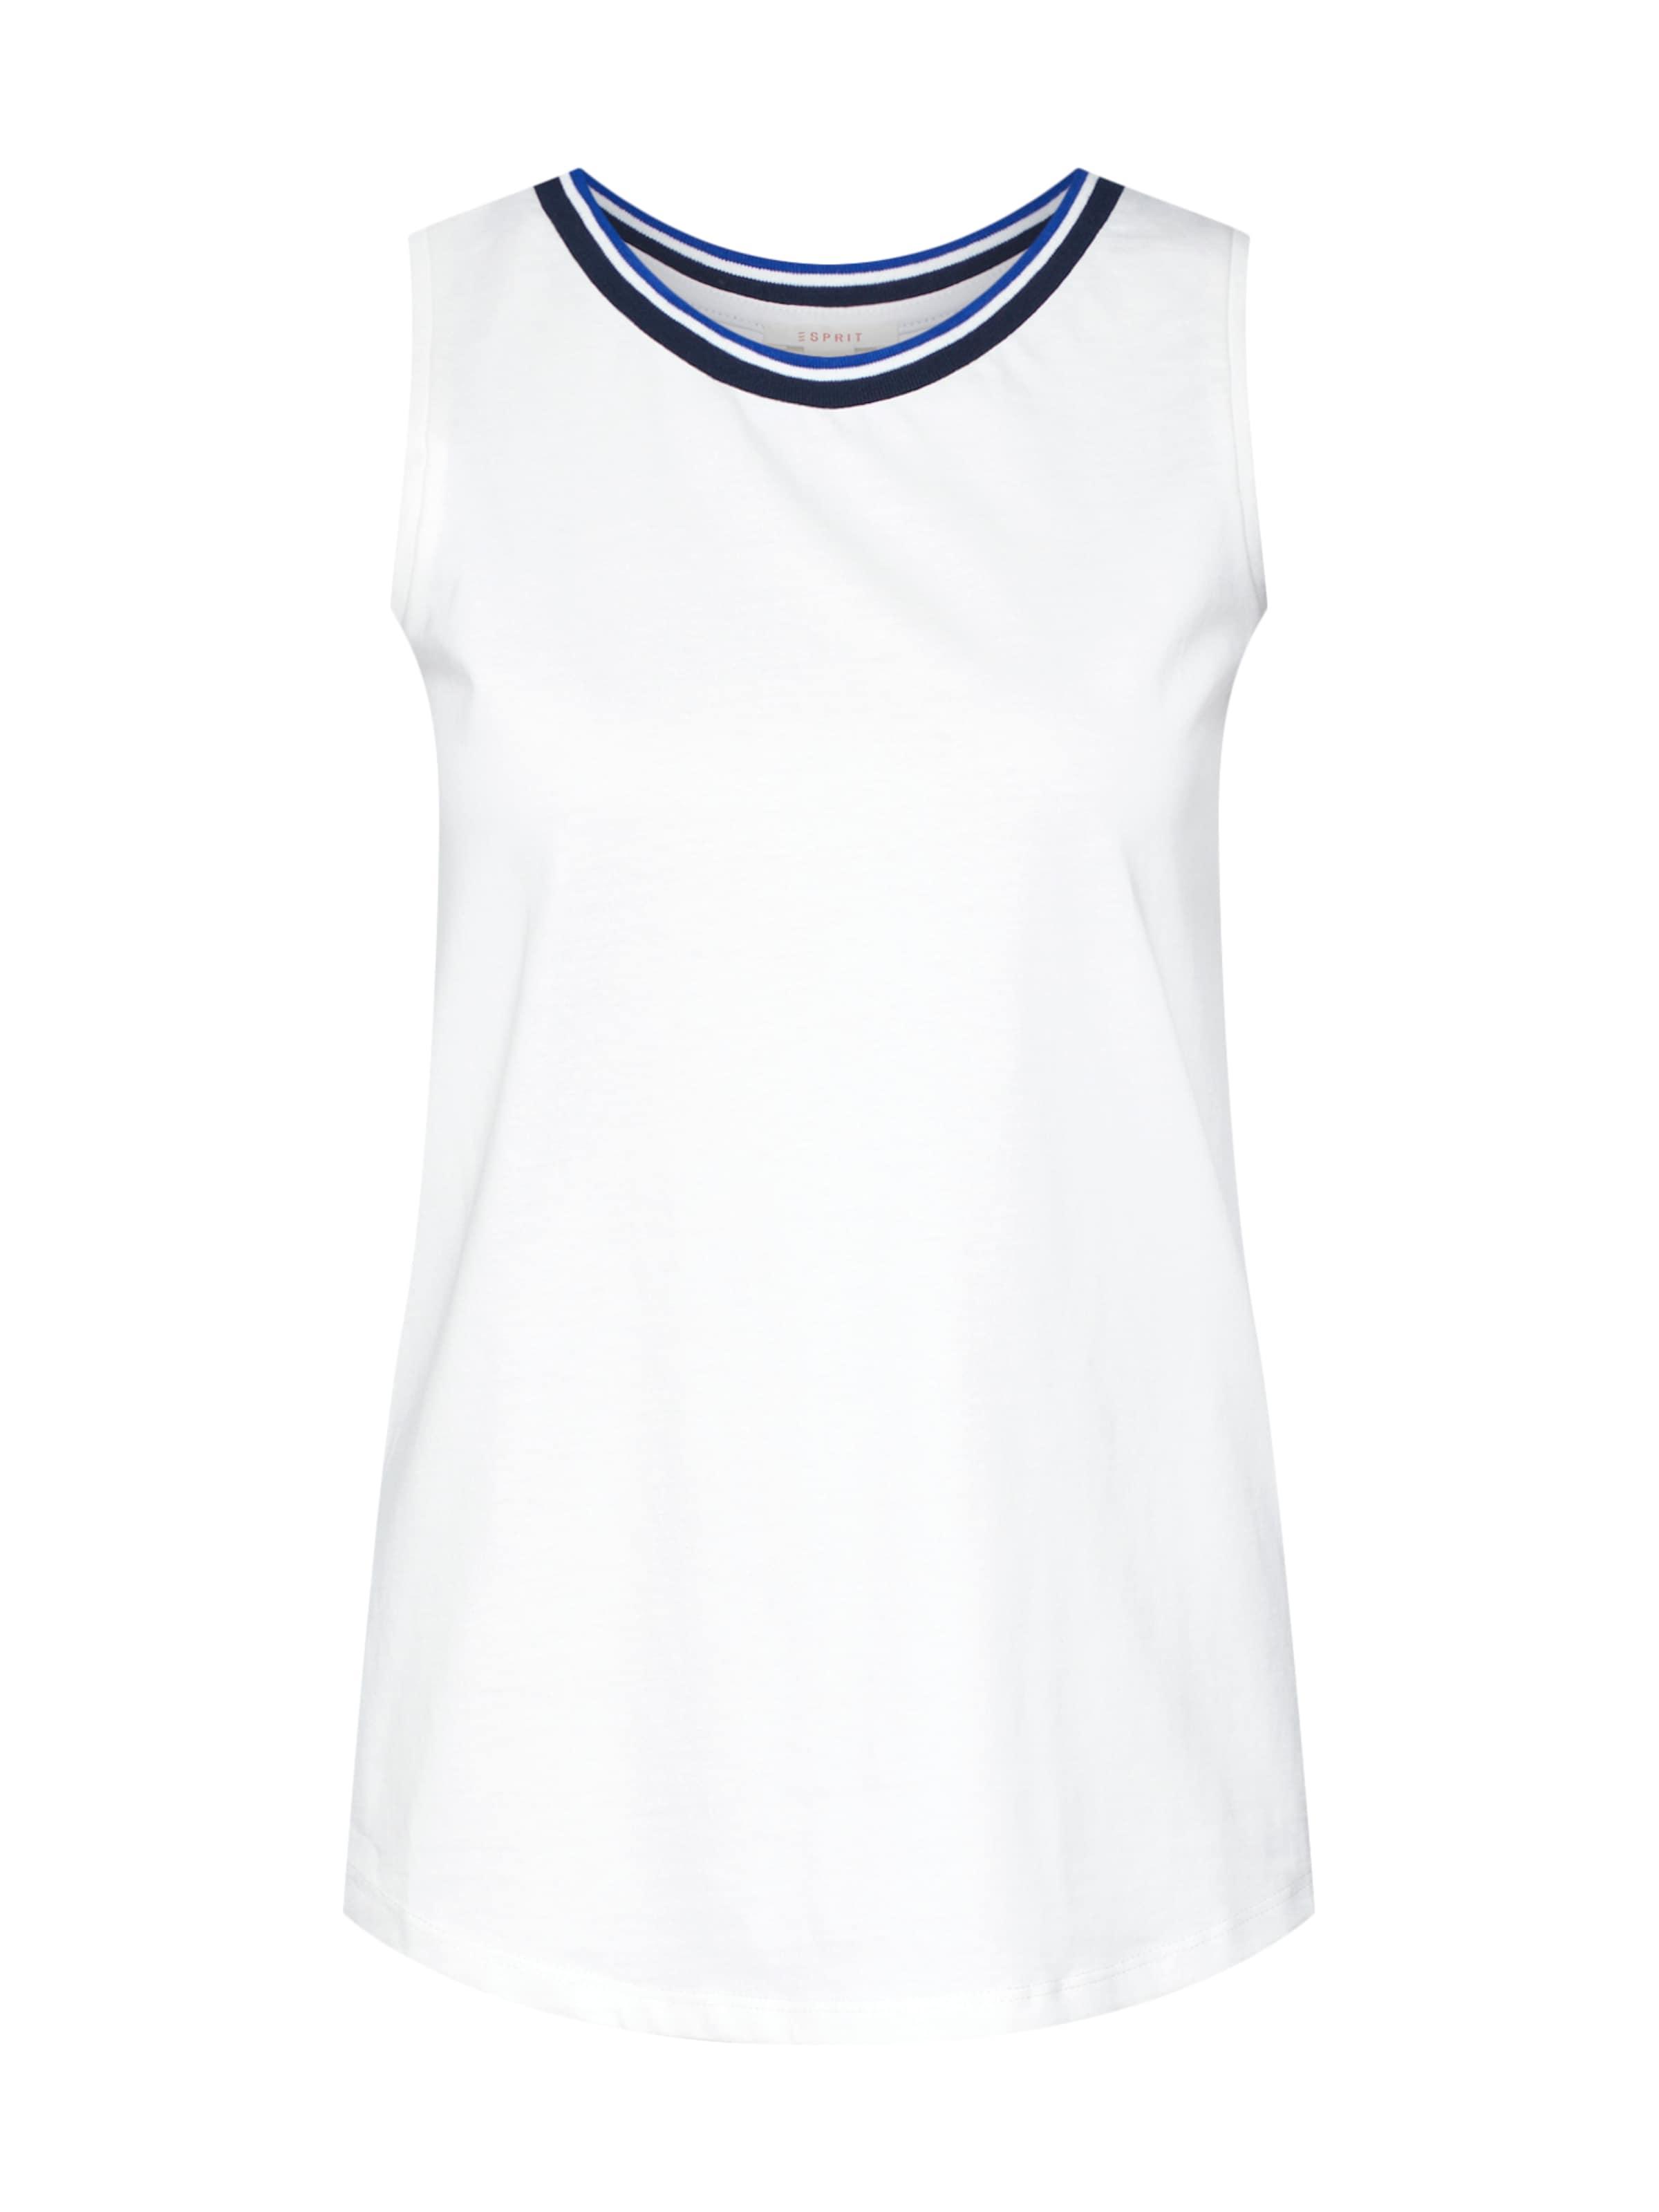 Esprit Blanc Bleu Haut 'tape' En Nuit Txw6fTrqP